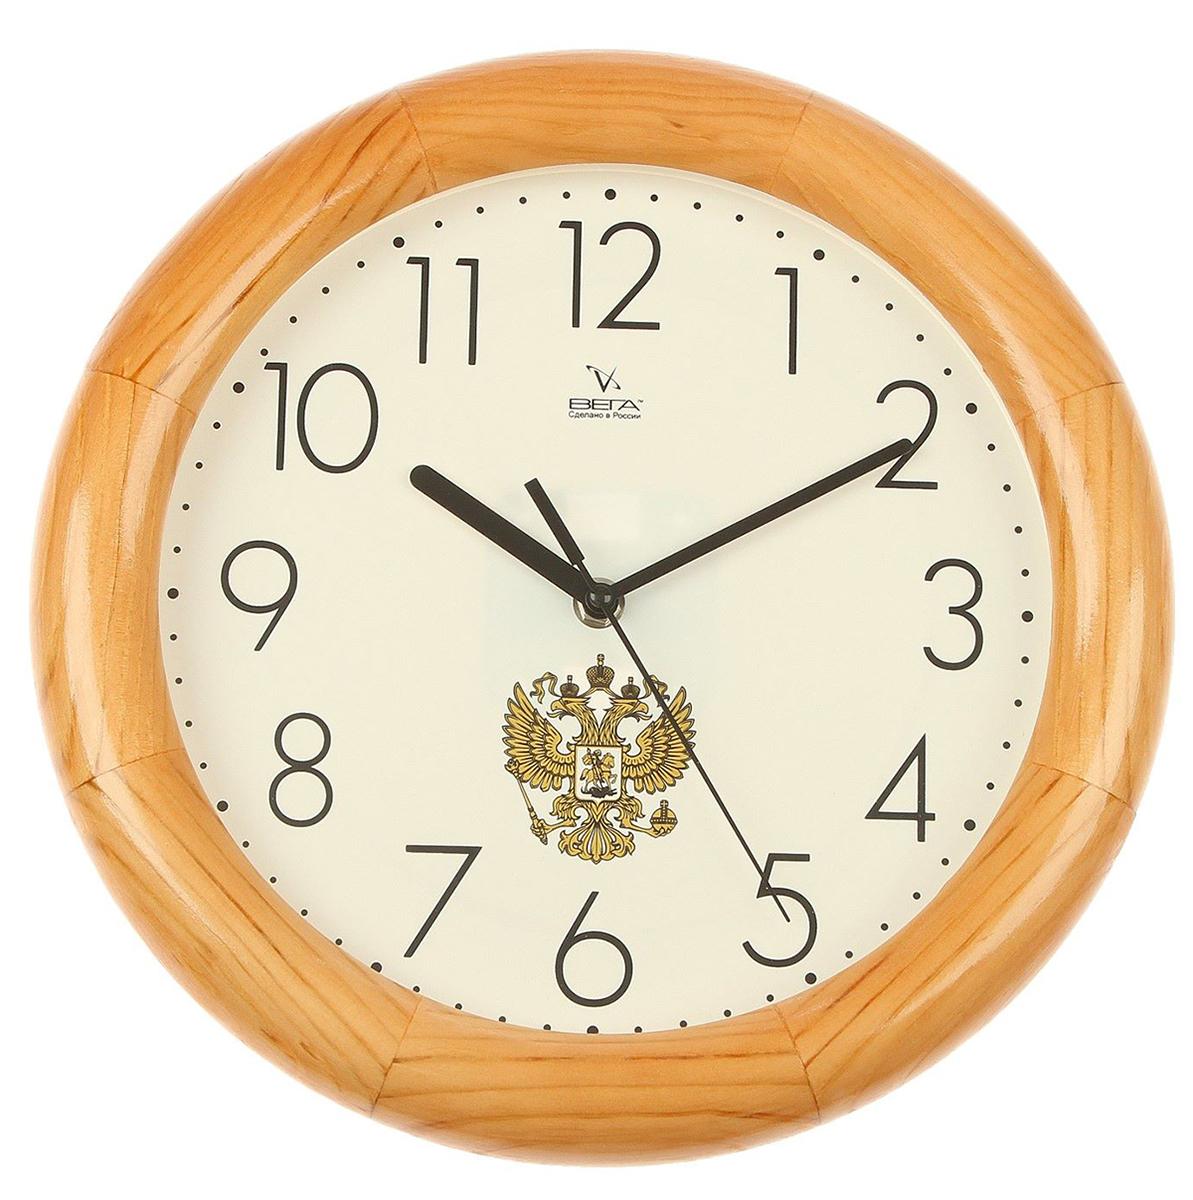 Часы настенные Вега Герб, 30 х 30 см2633393— сувенир в полном смысле этого слова. И главная его задача — хранить воспоминание о месте, где вы побывали, или о том человеке, который подарил данный предмет. Преподнесите эту вещь своему другу, и она станет достойным украшением его дома. Каждому хозяину периодически приходит мысль обновить свою квартиру, сделать ремонт, перестановку или кардинально поменять внешний вид каждой комнаты. — привлекательная деталь, которая поможет воплотить вашу интерьерную идею, создать неповторимую атмосферу в вашем доме. Окружите себя приятными мелочами, пусть они радуют глаз и дарят гармонию.Часы деревянные круглые Герб, 30х30 см 2633393